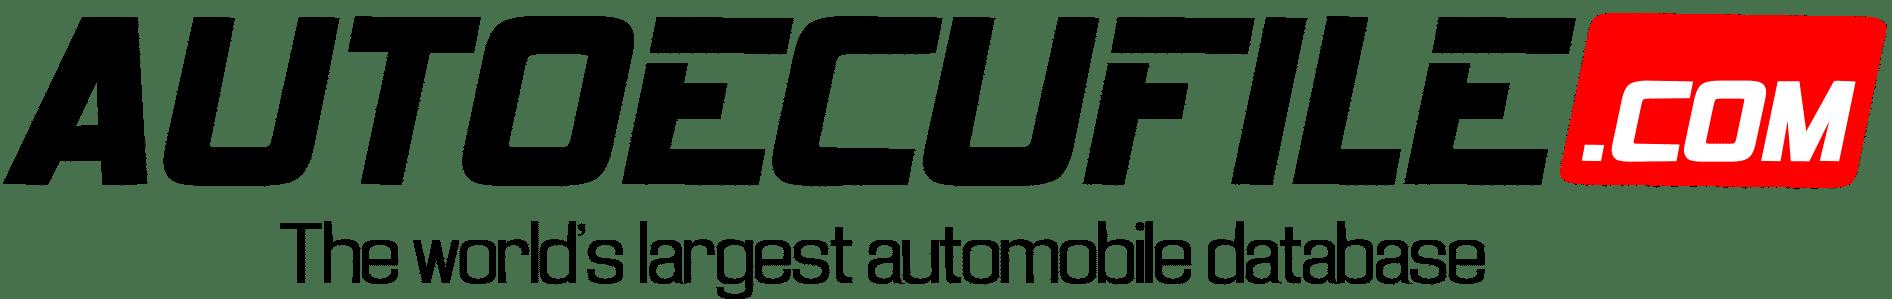 AutoEcuFile.com